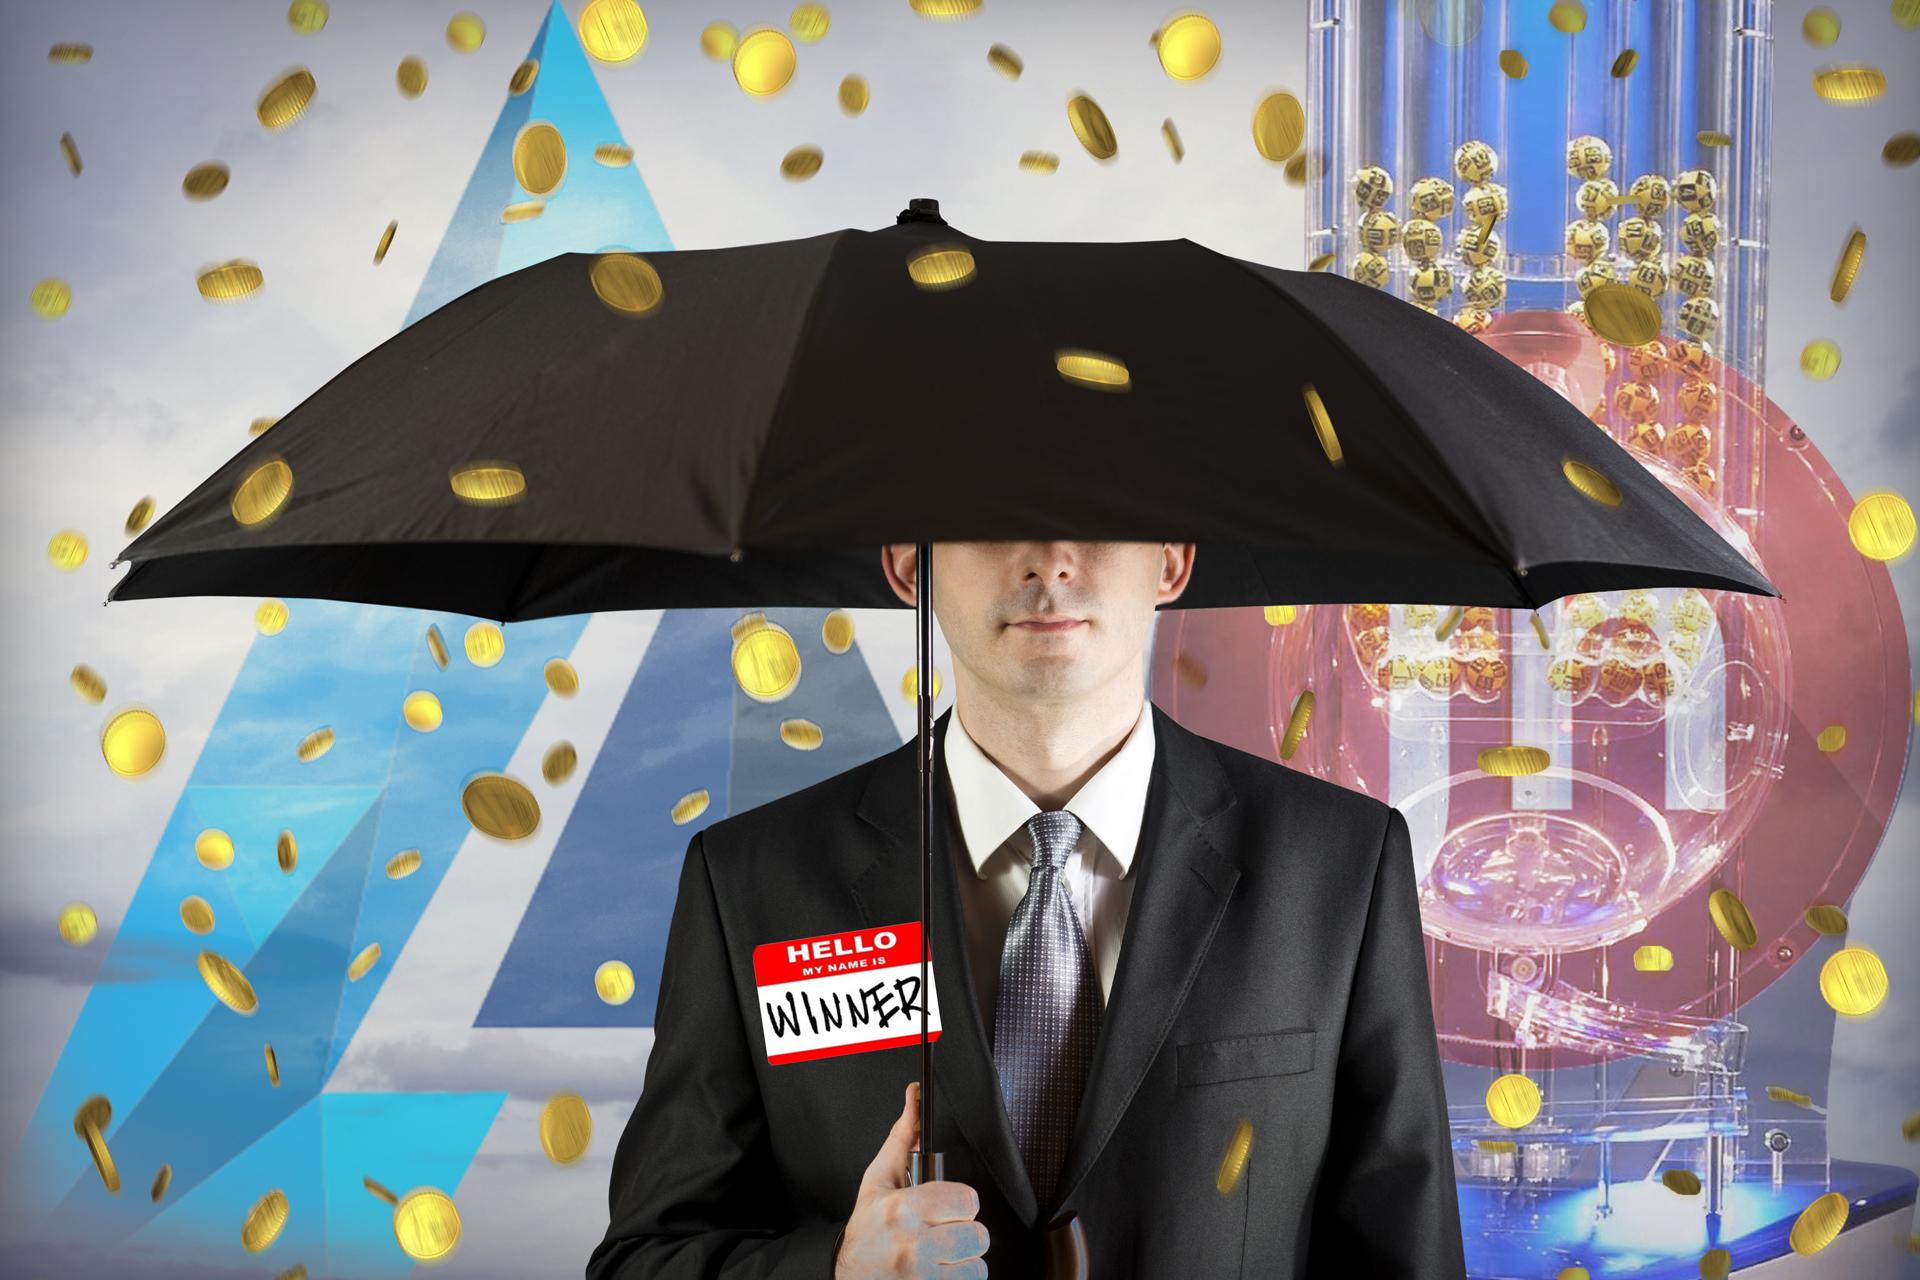 Financial Windfalls: A Joy or Tragedy